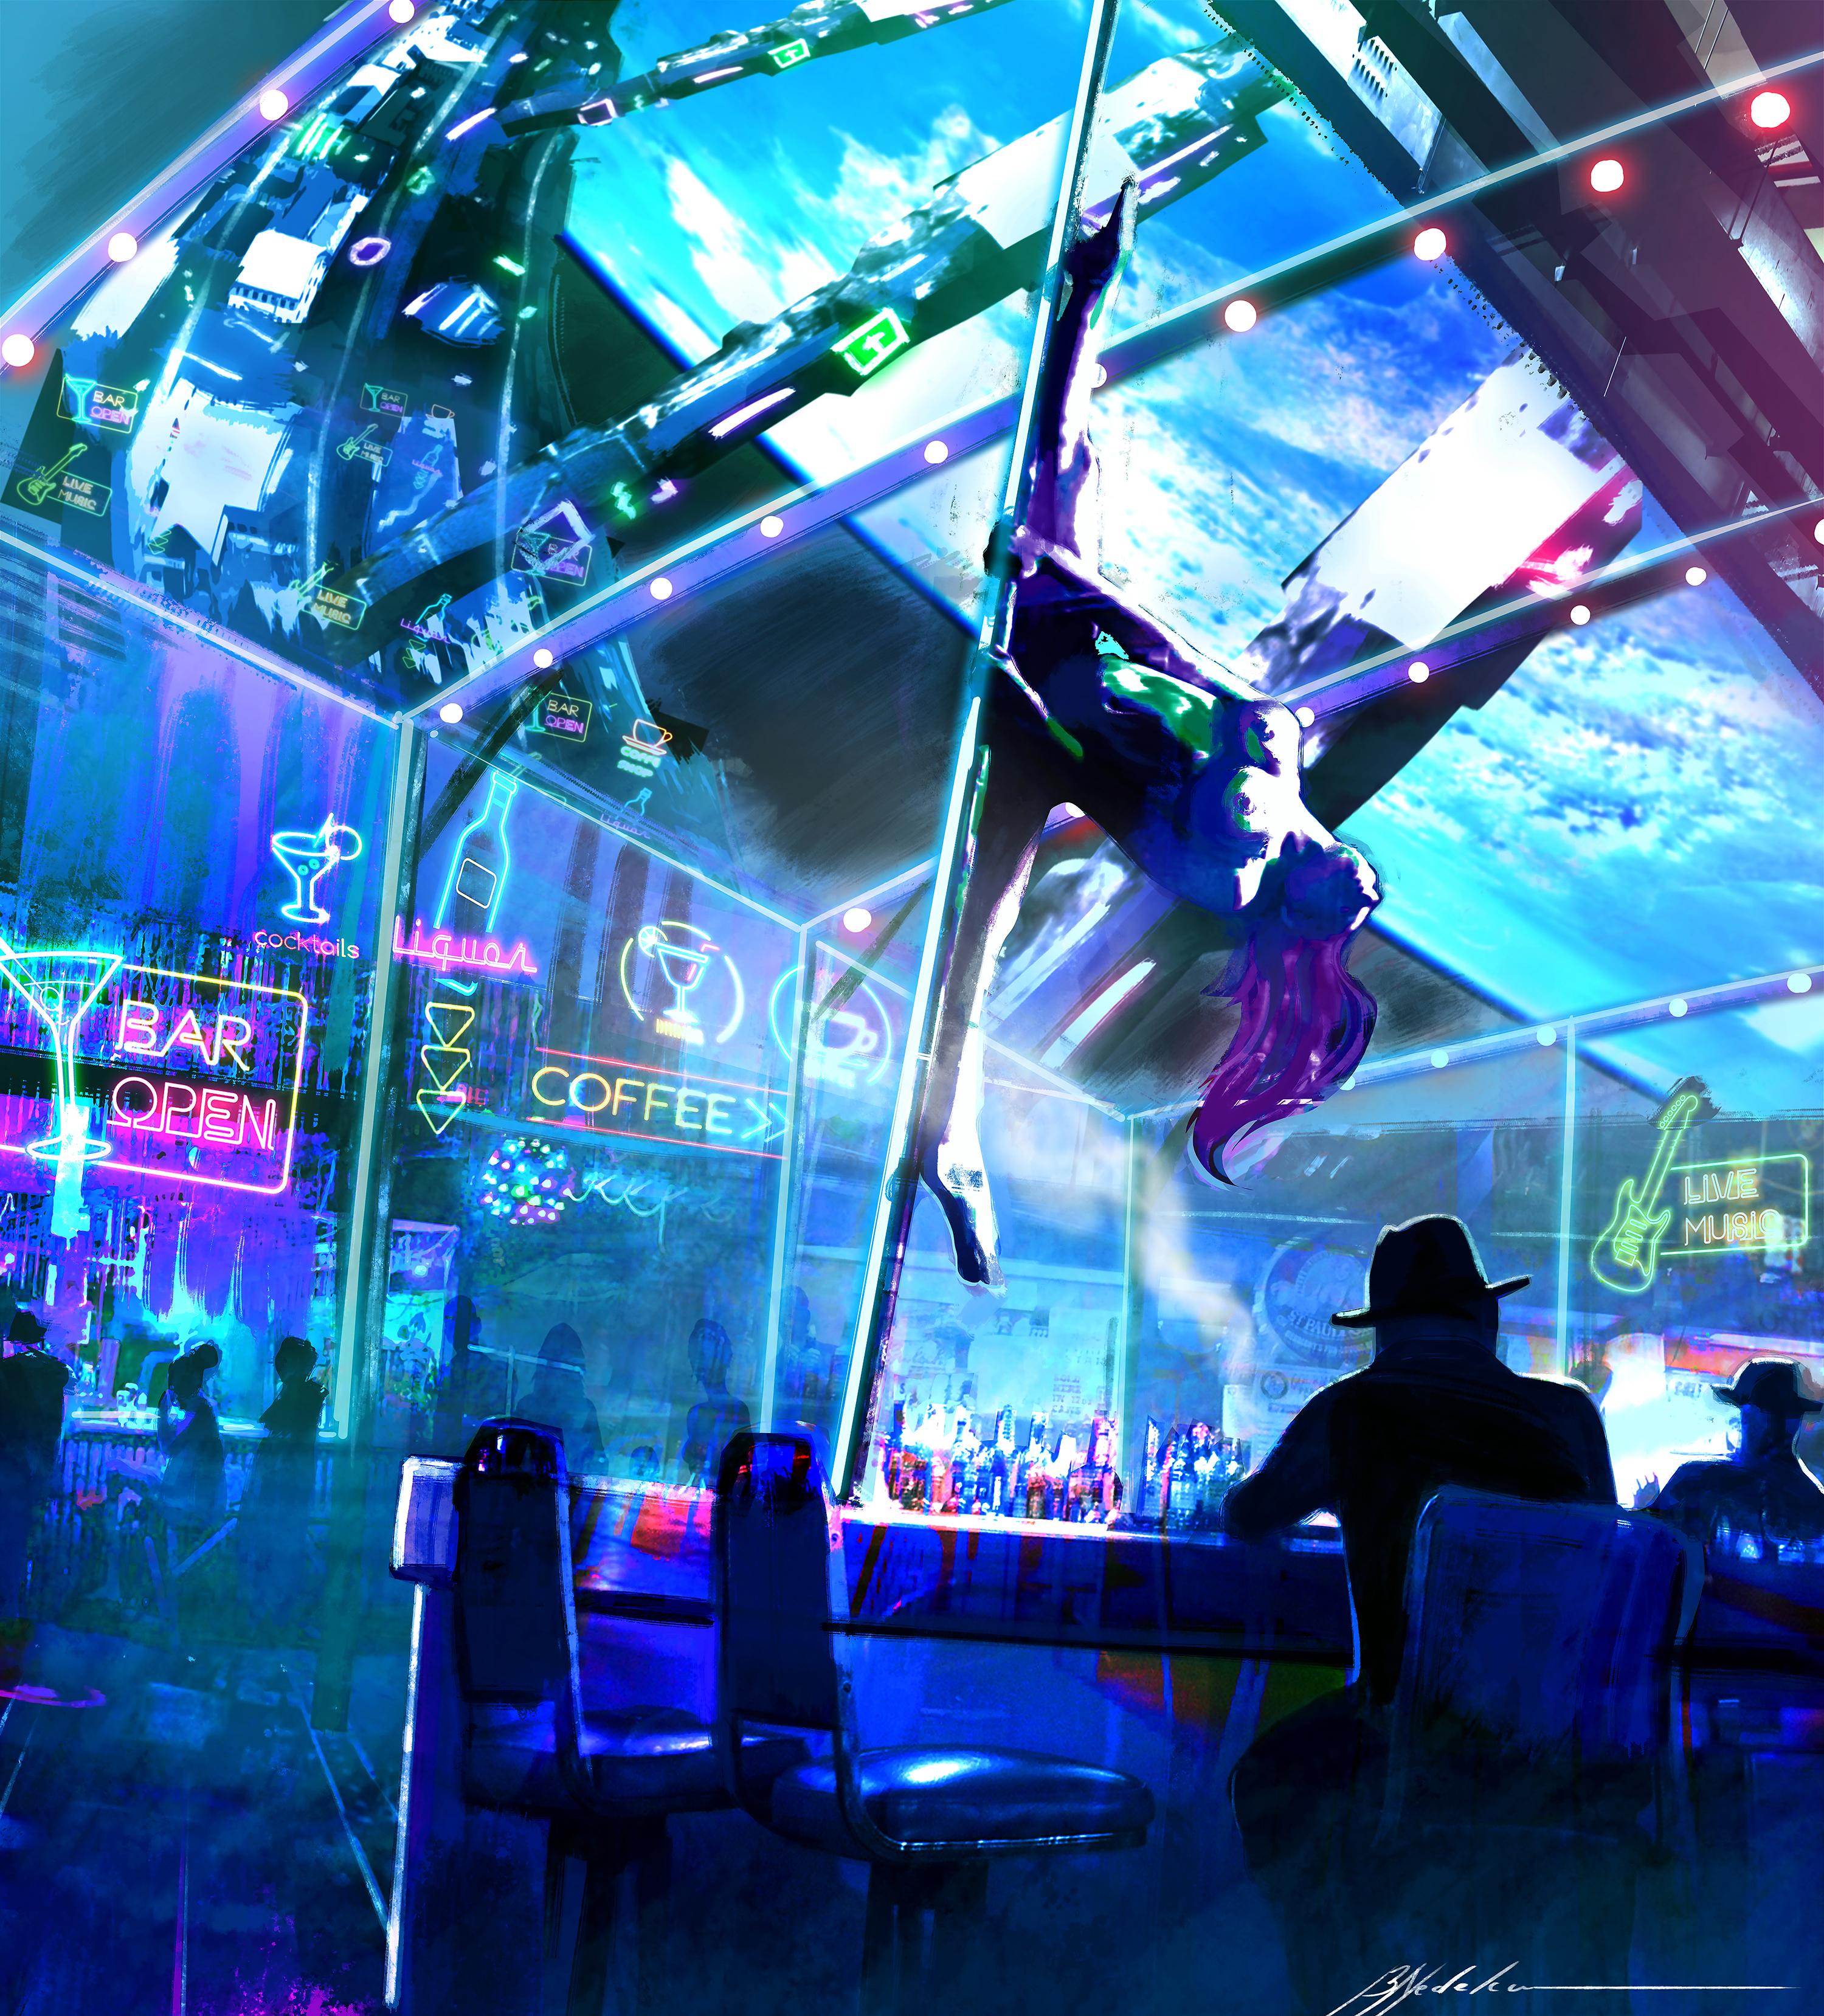 Strippers in Orbit